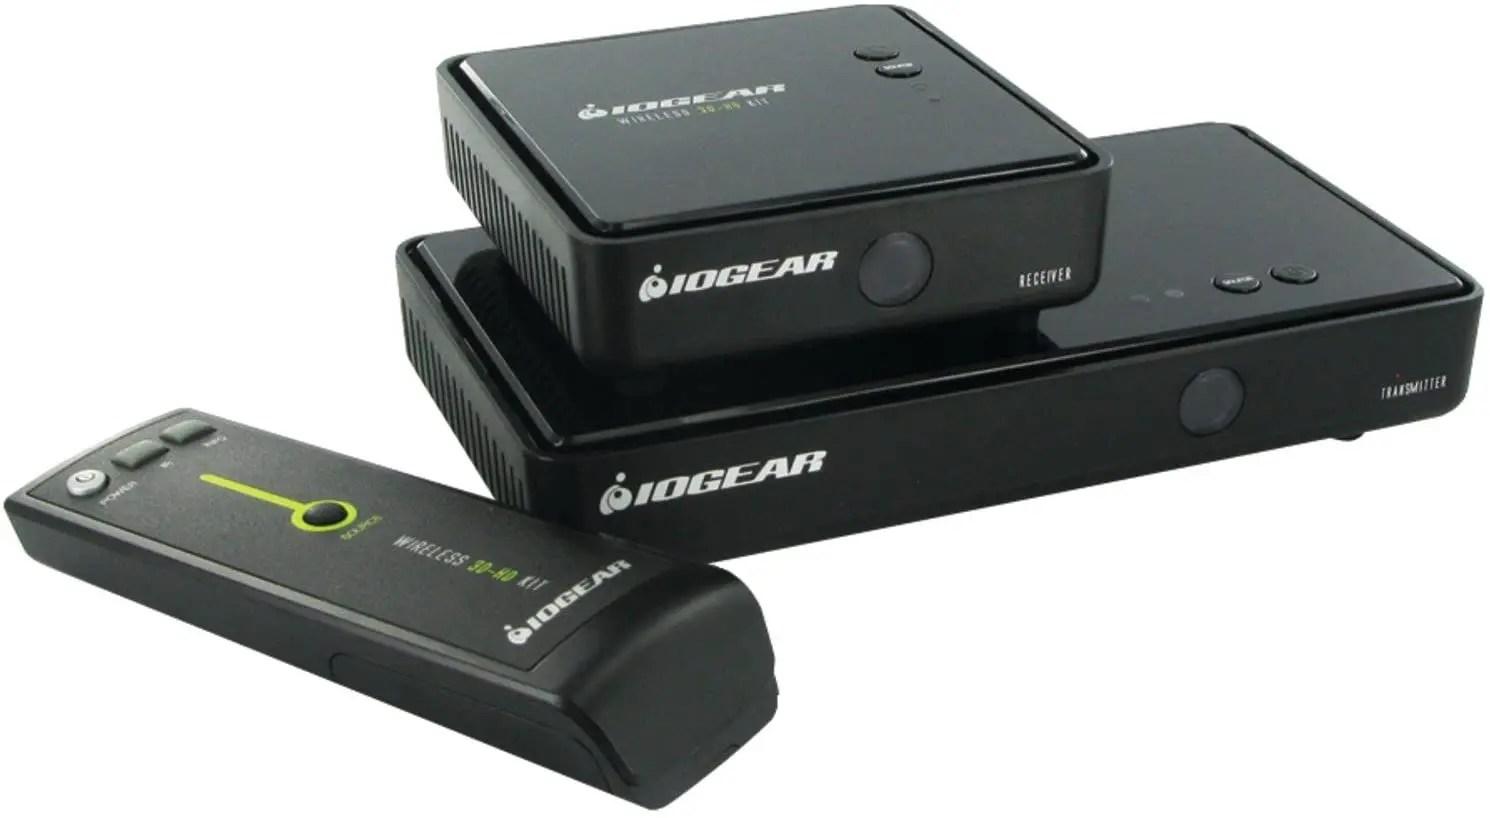 iogear wireless hd digital kit image